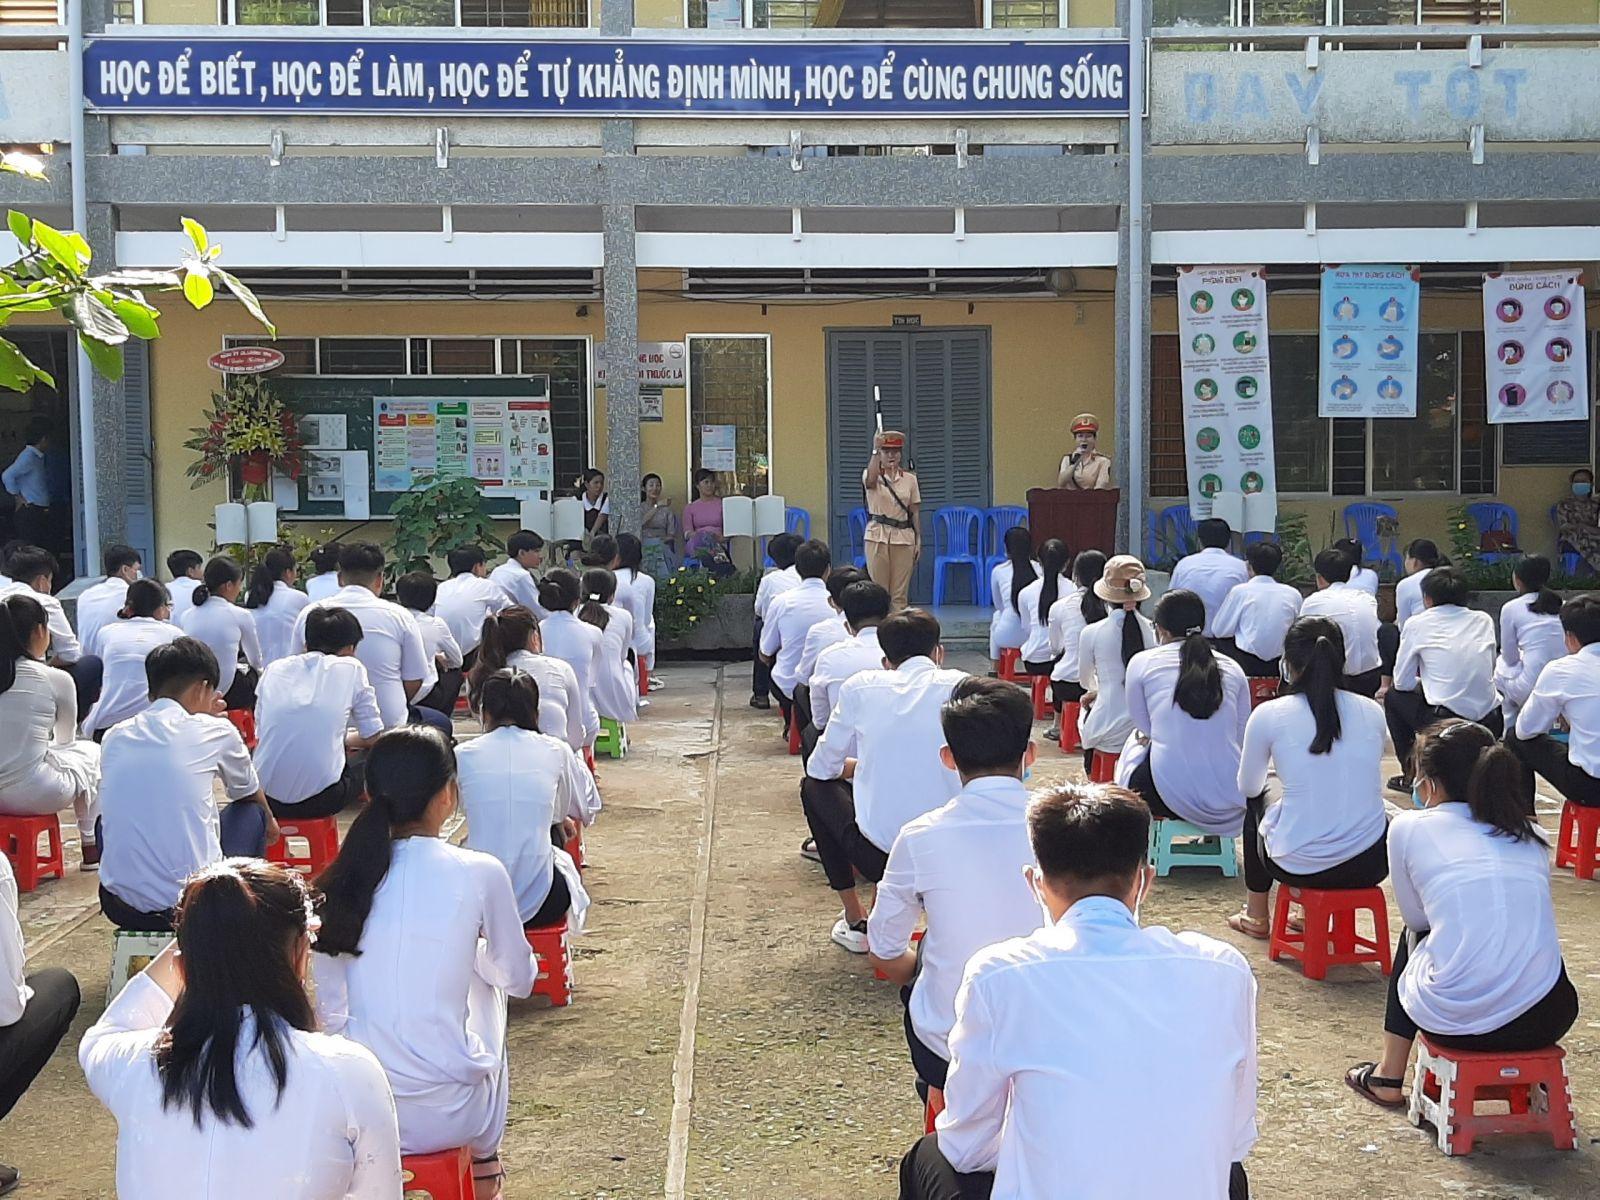 Cán bộ, chiến sĩ Đội Cảnh sát giao thông, Công an huyện Bến Lức tuyên truyền về an toàn giao thông cho học sinh trên địa bàn huyện